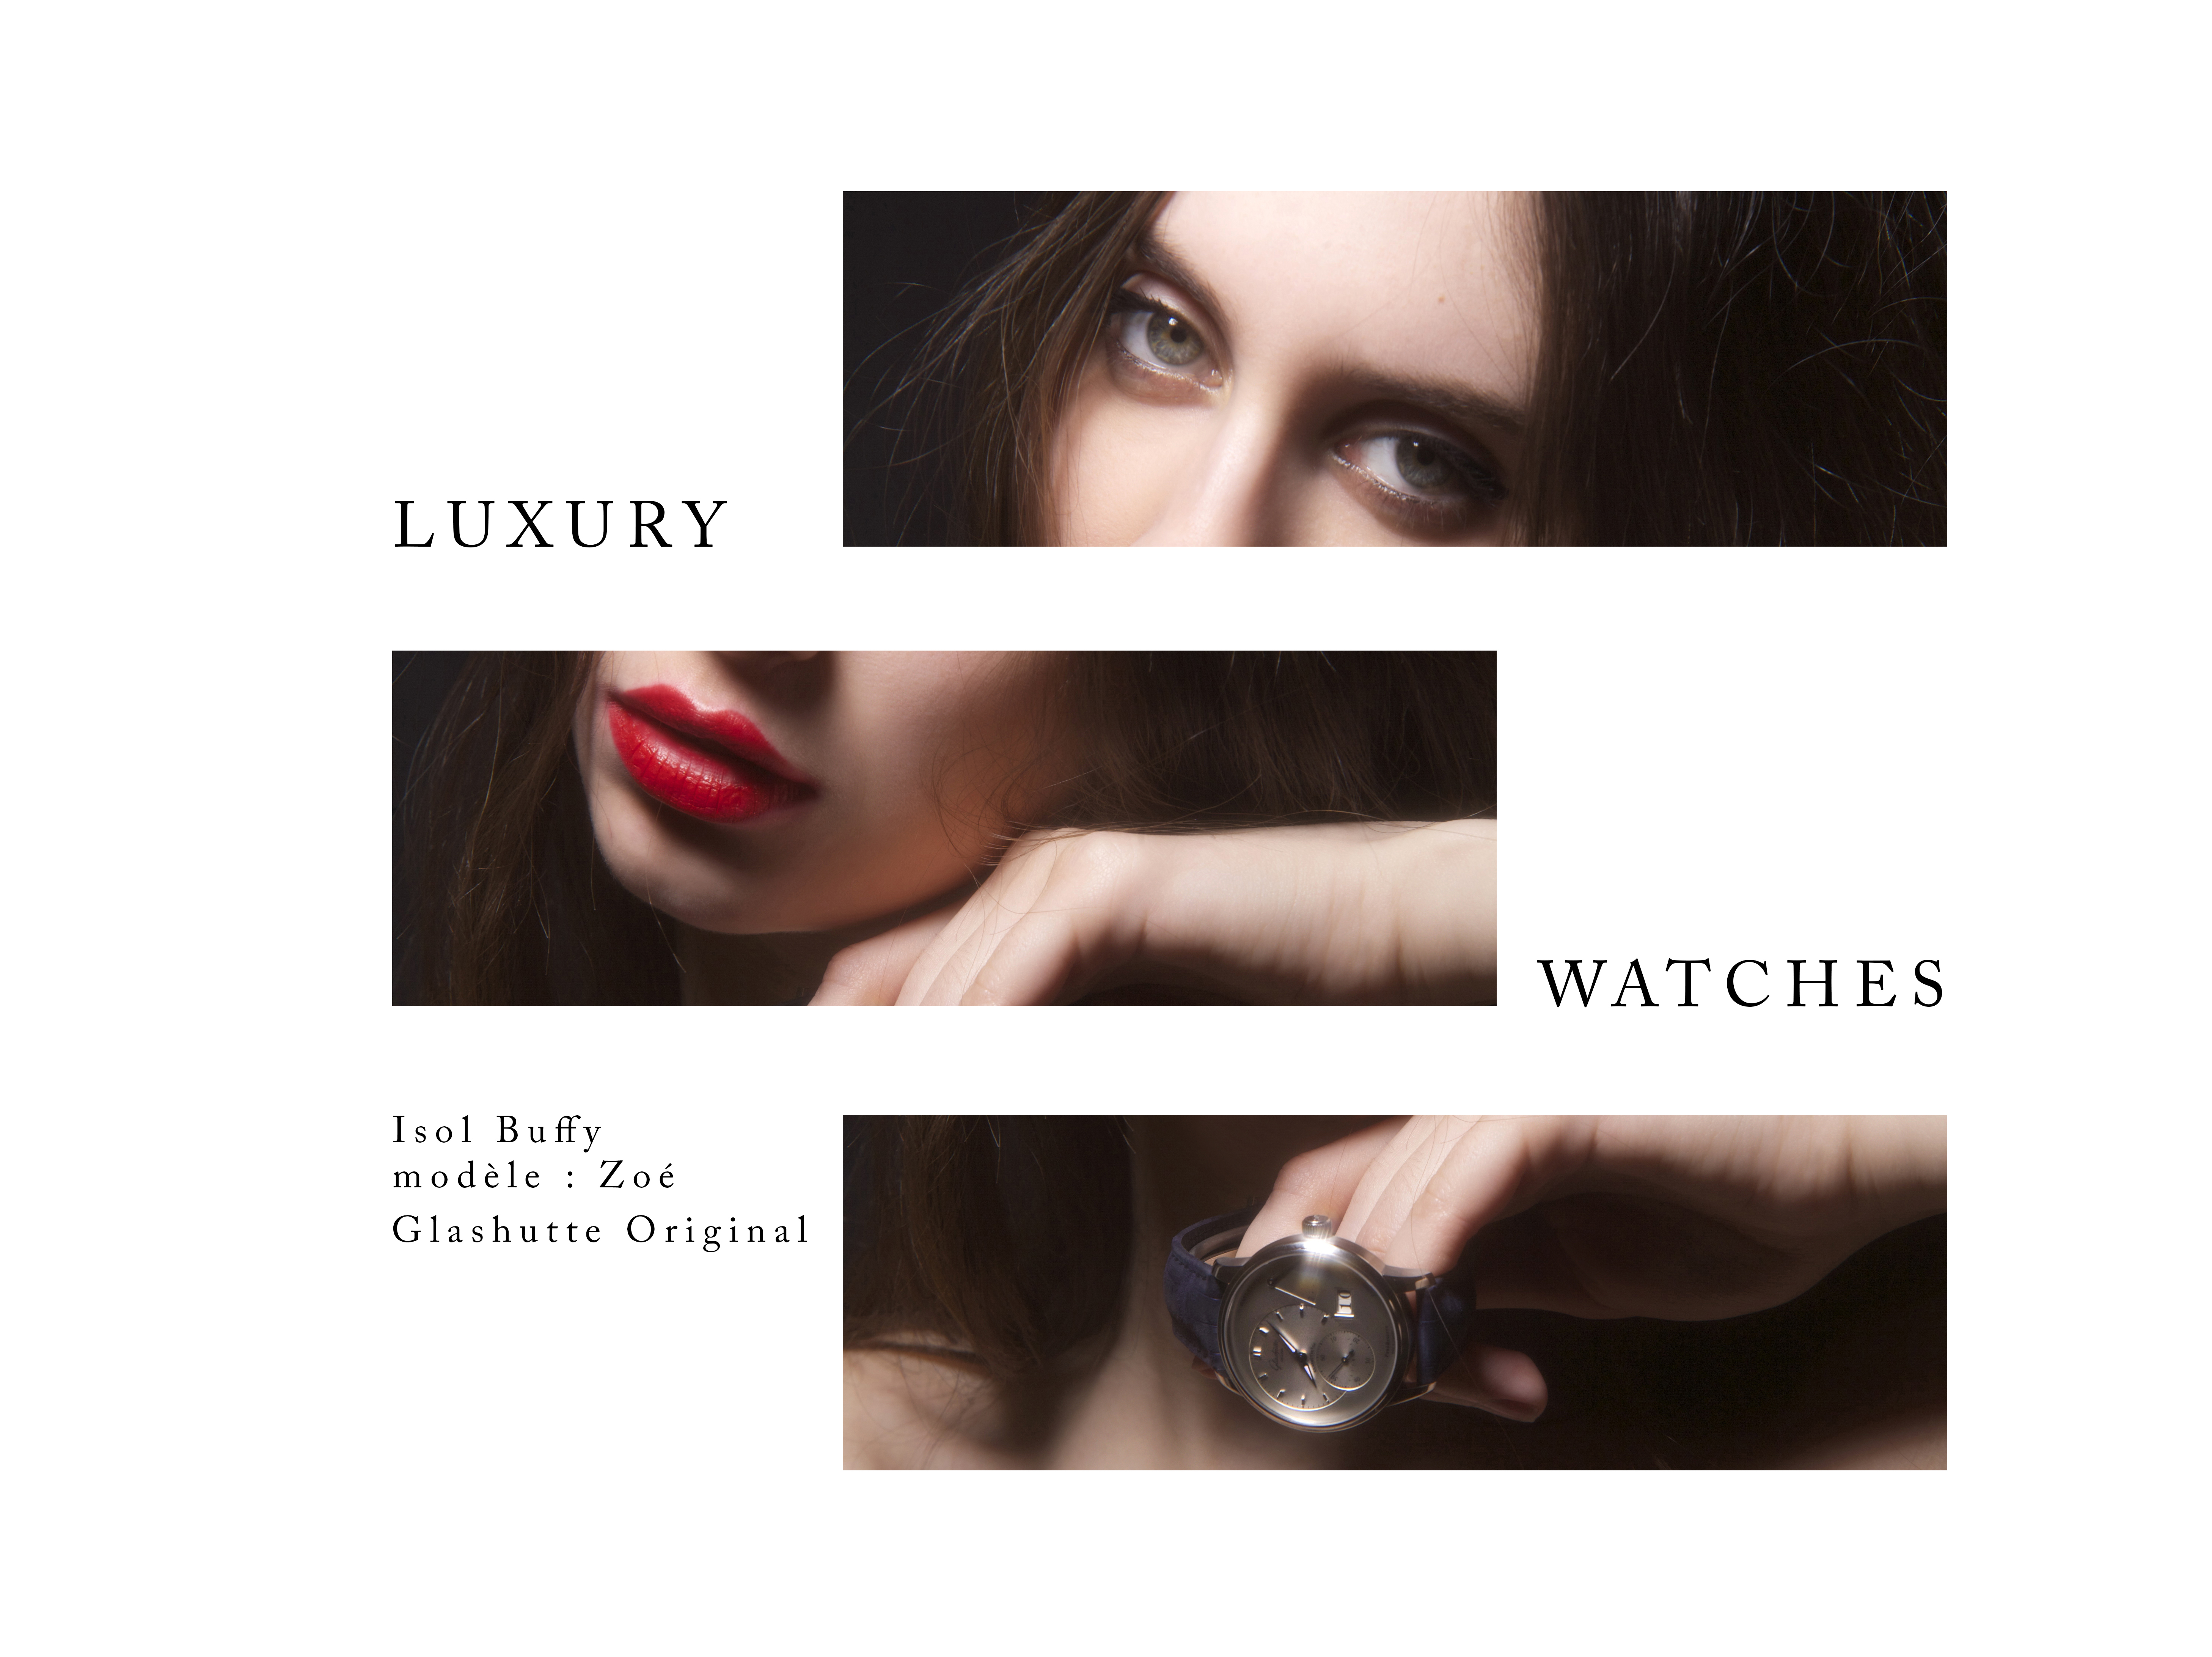 photographe mode bijoux montre tours paris fashion